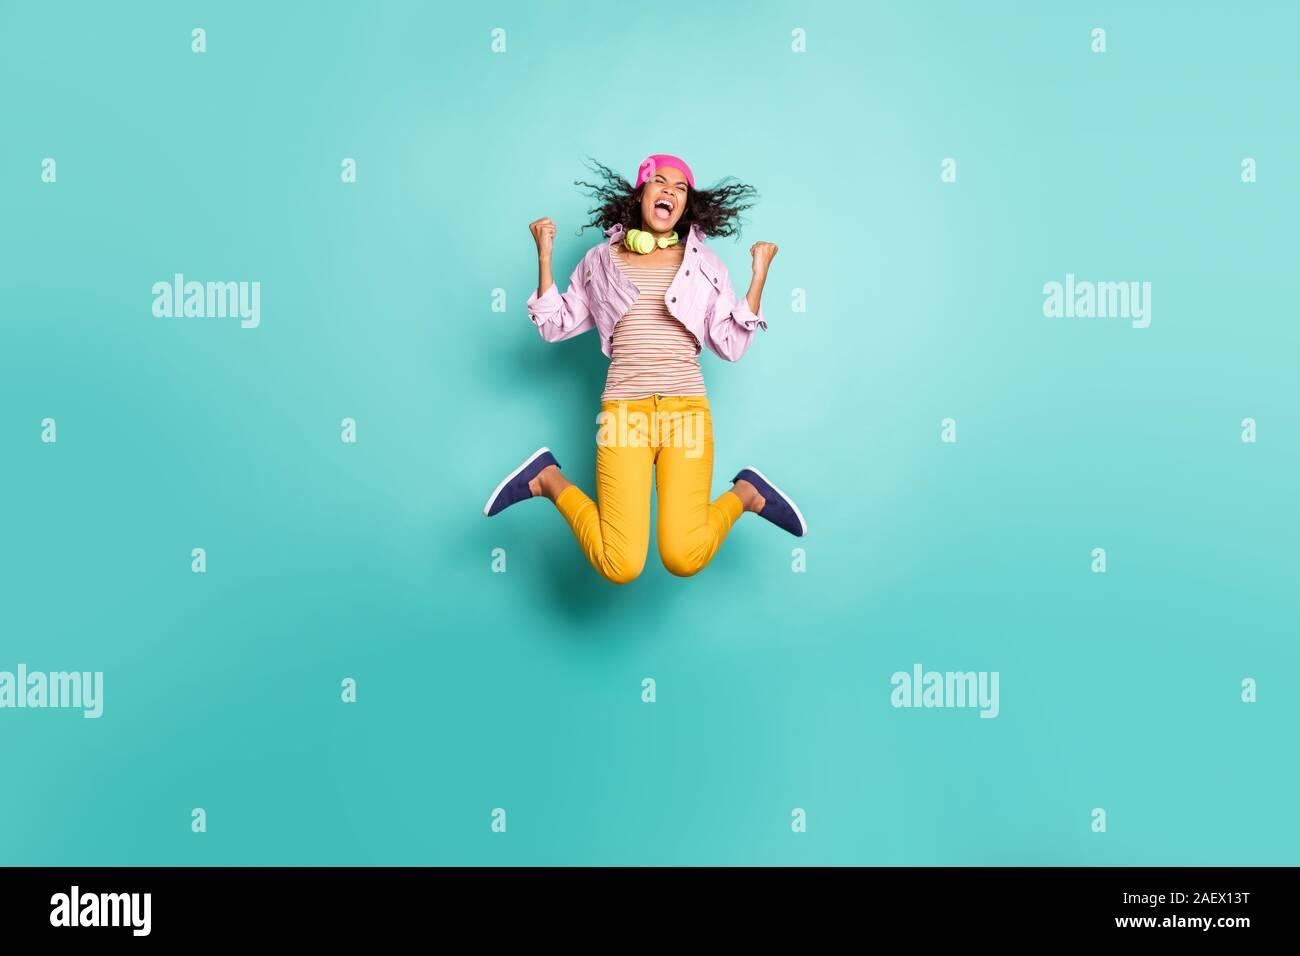 Volle Länge Körpergröße Seite Profil Foto von Casual positive springen laufen Schule Mädchen streben nach der pädagogischen Komplex auf Zeit in Gelb zu kommen Stockfoto